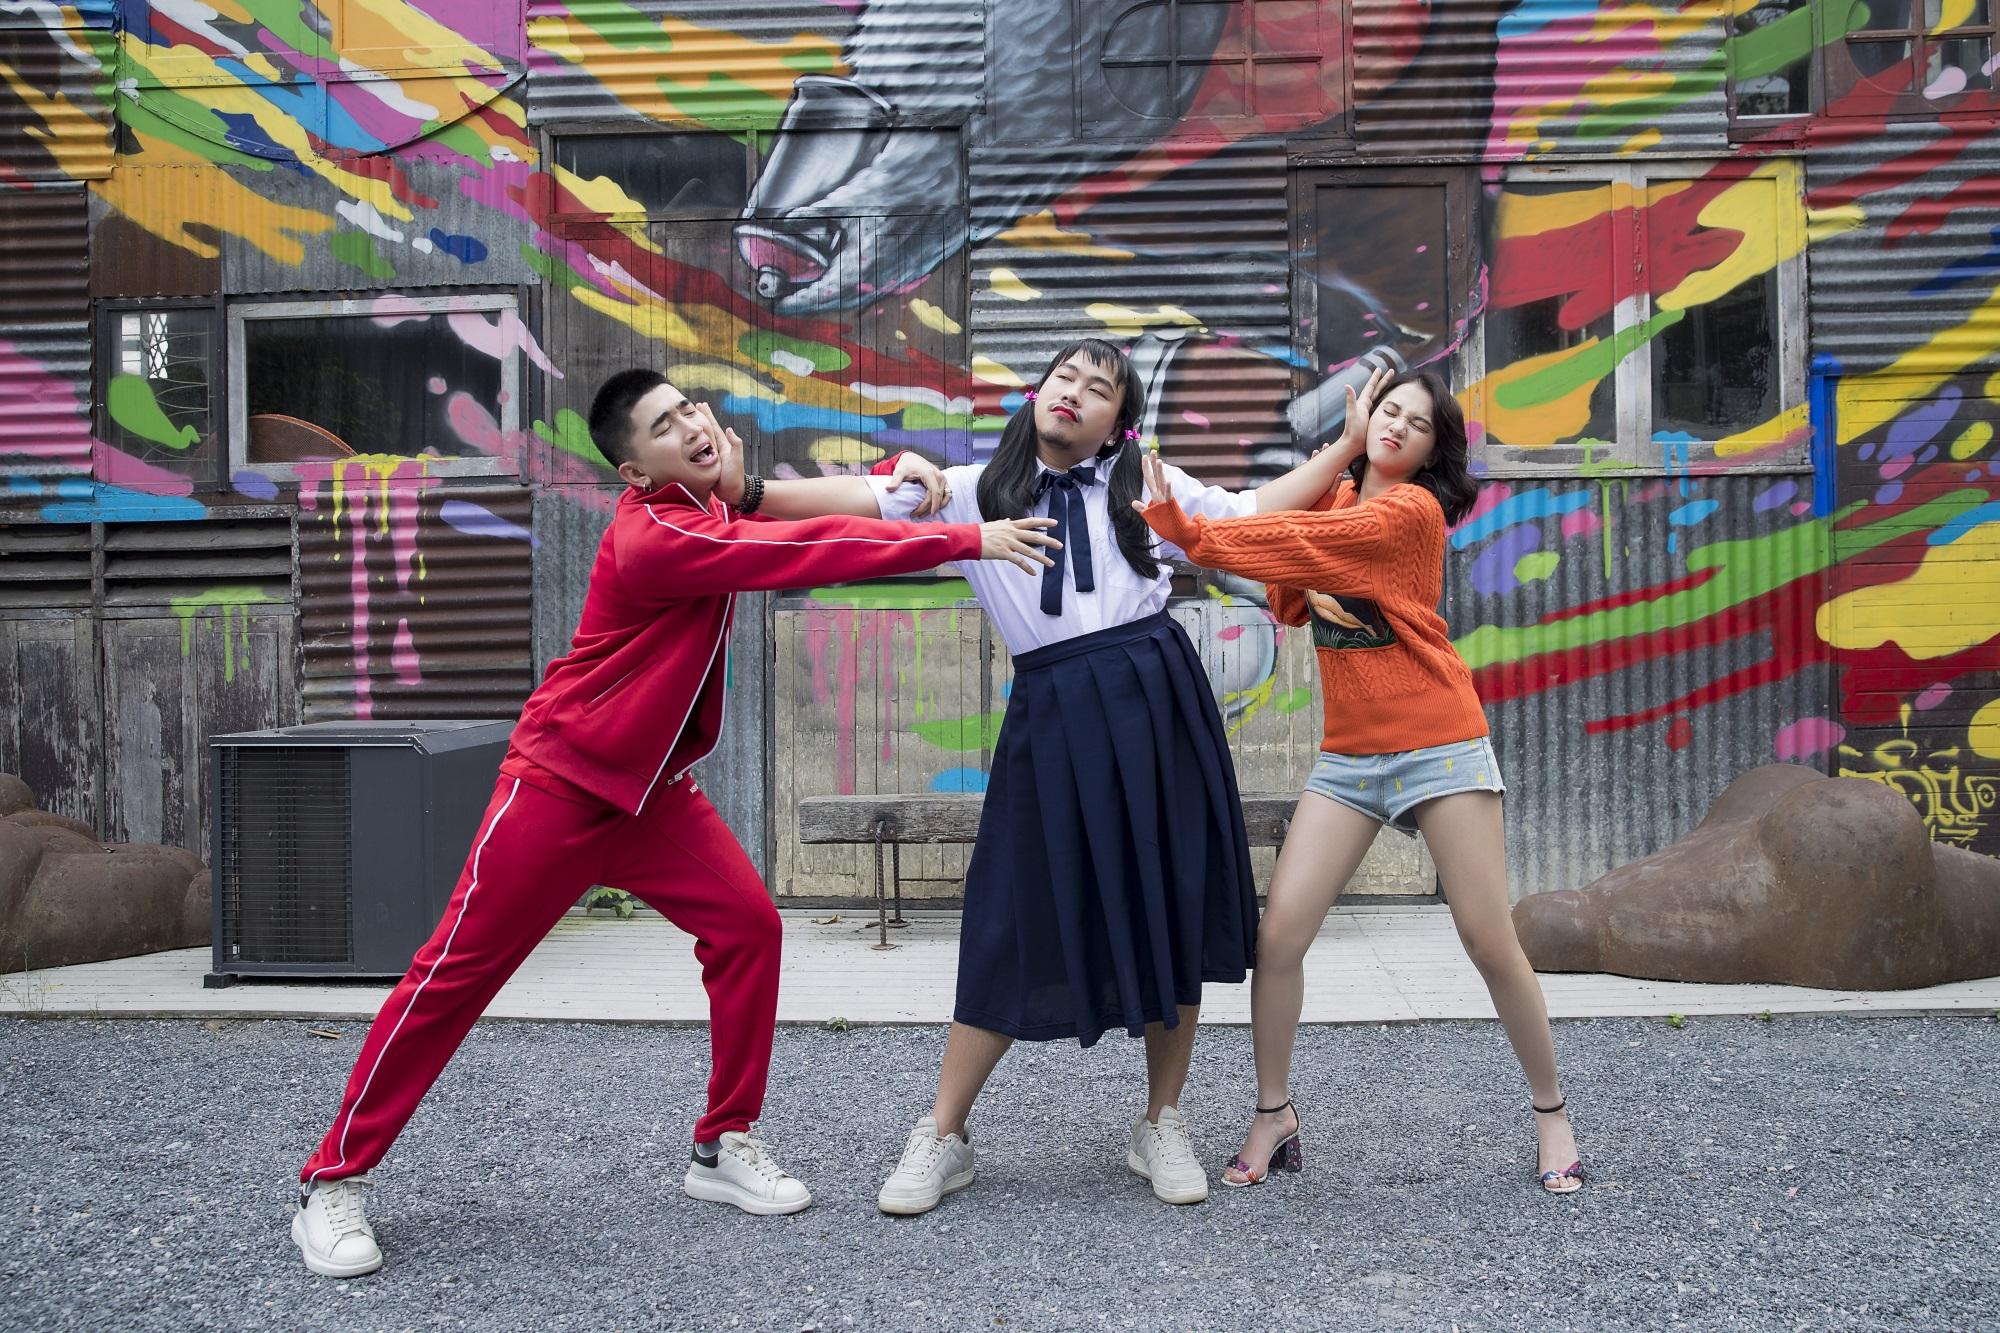 Chi Dân hé lộ hậu trường 'siêu bựa' tặng fans sau khi MV mới ra mắt được ủng hộ nhiệt tình - Ảnh 3